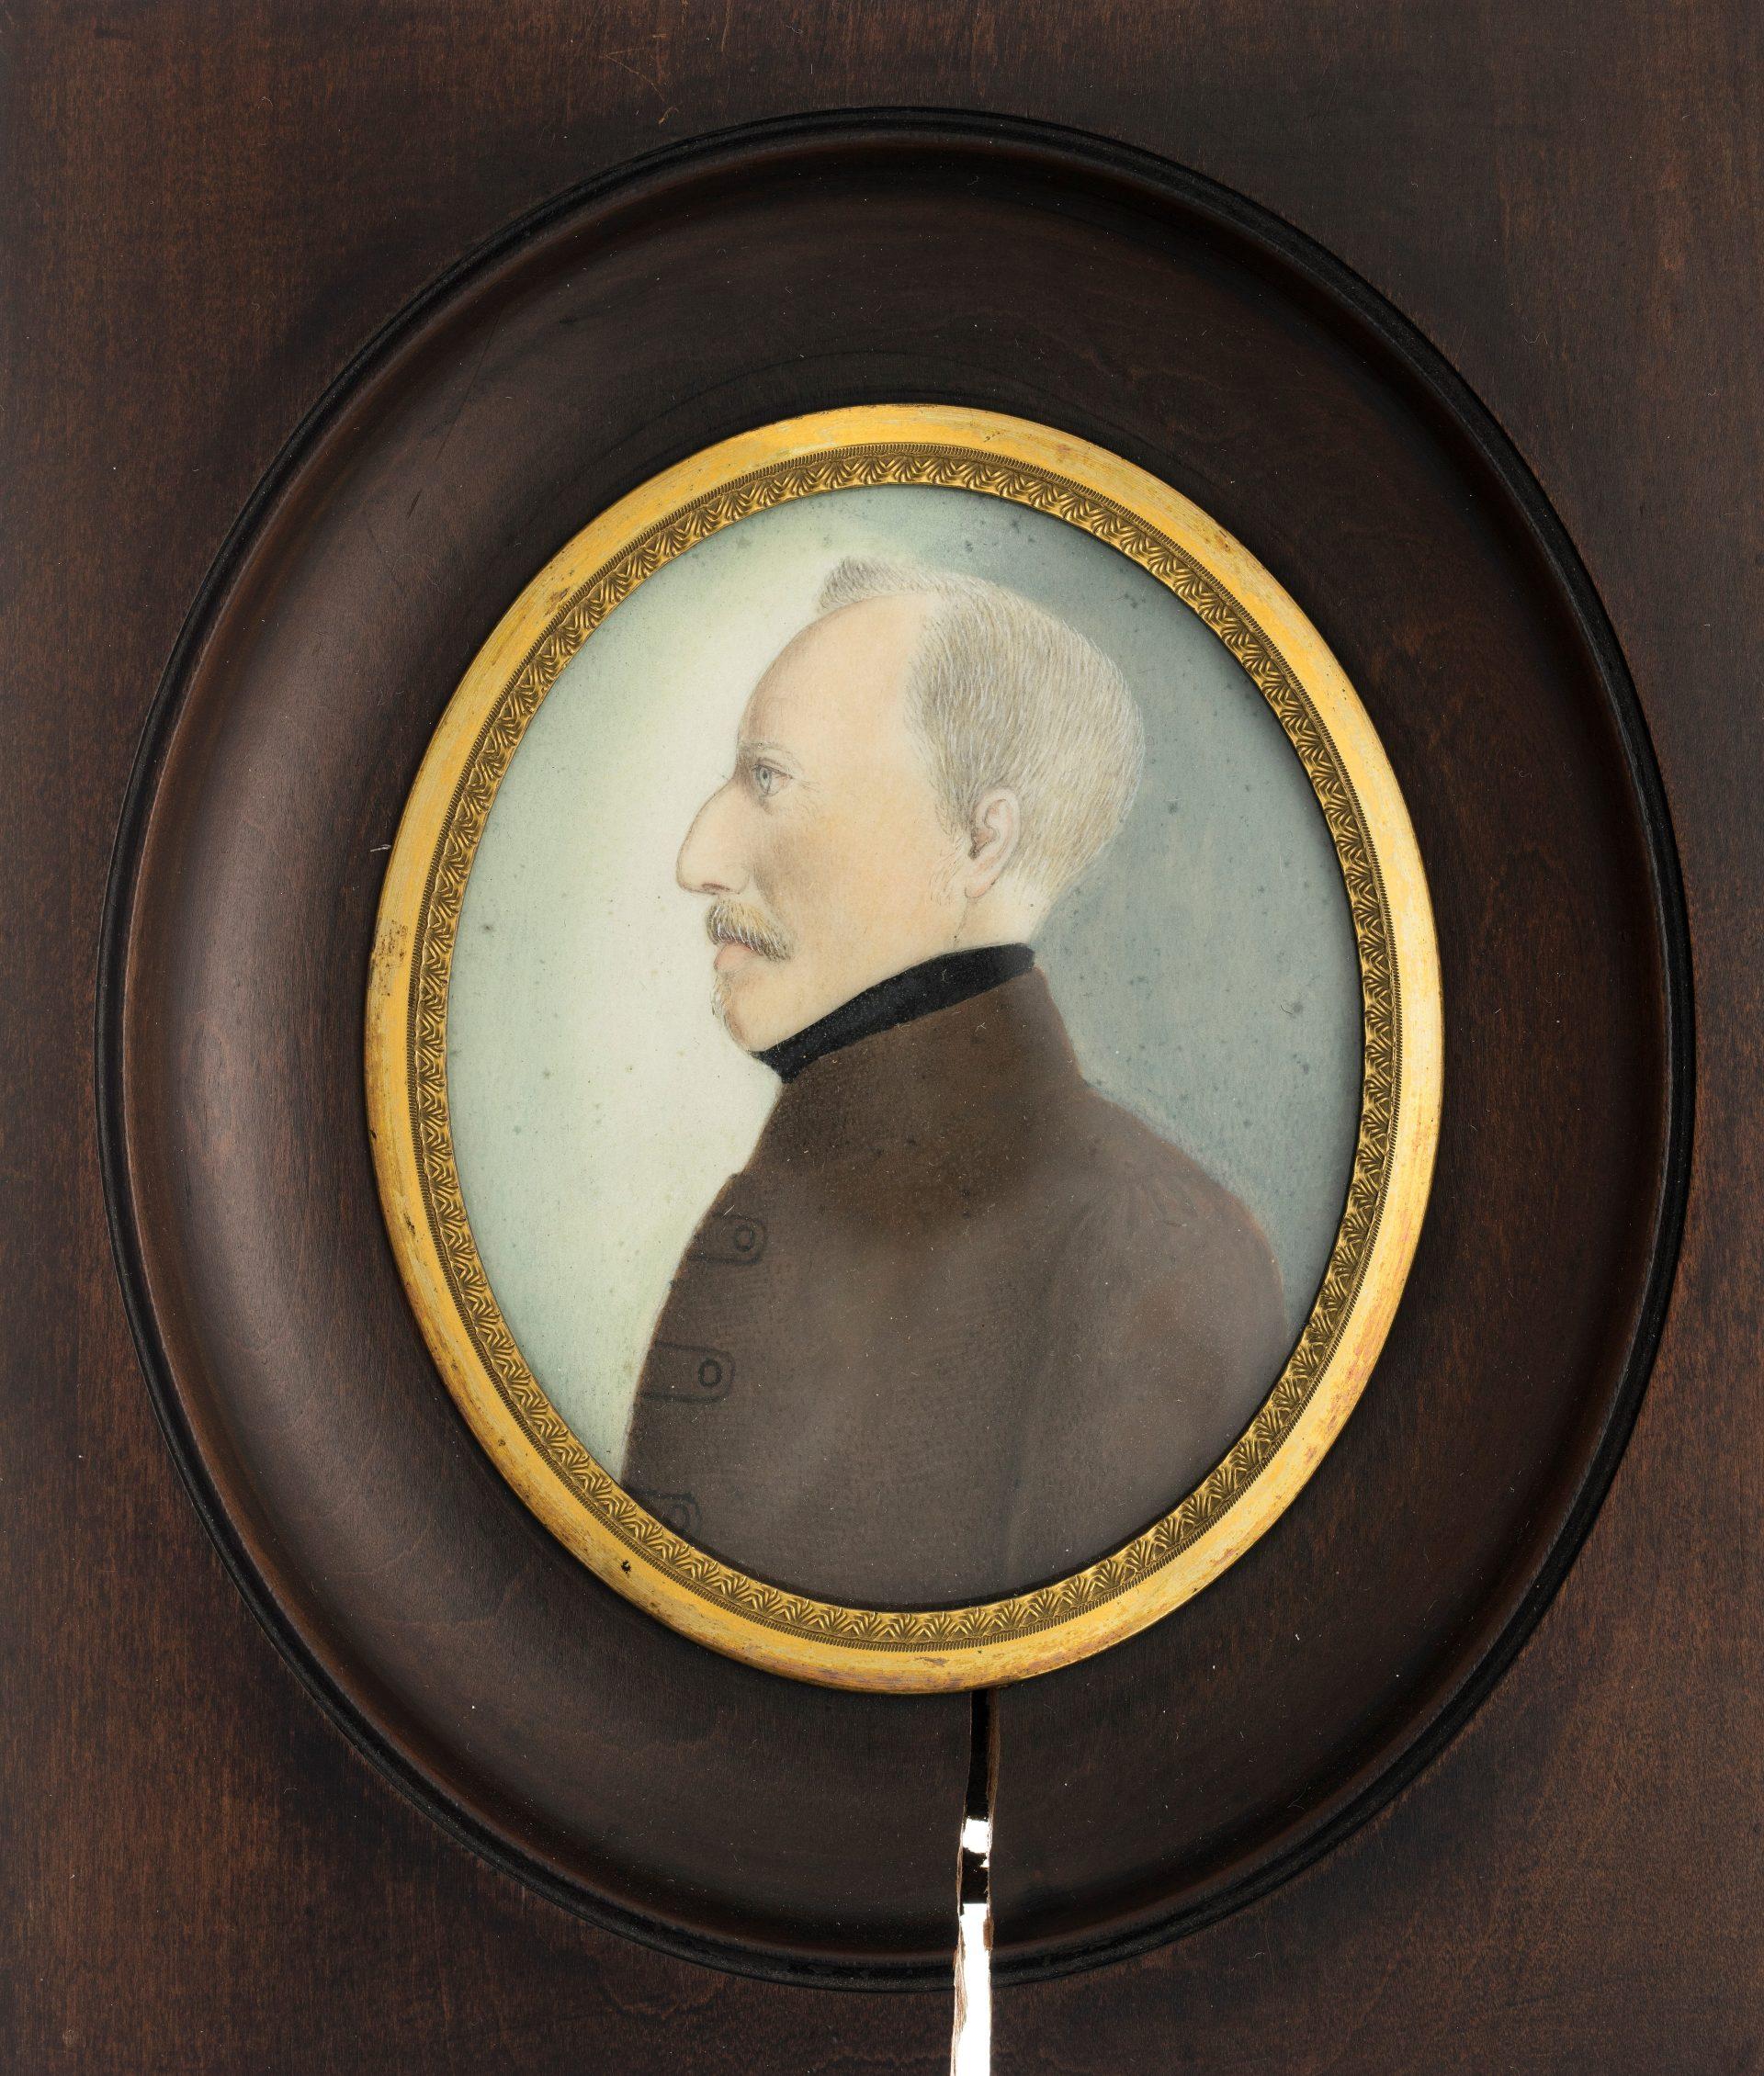 Ett porträtt av en medelålders man i profil i en brun ram.